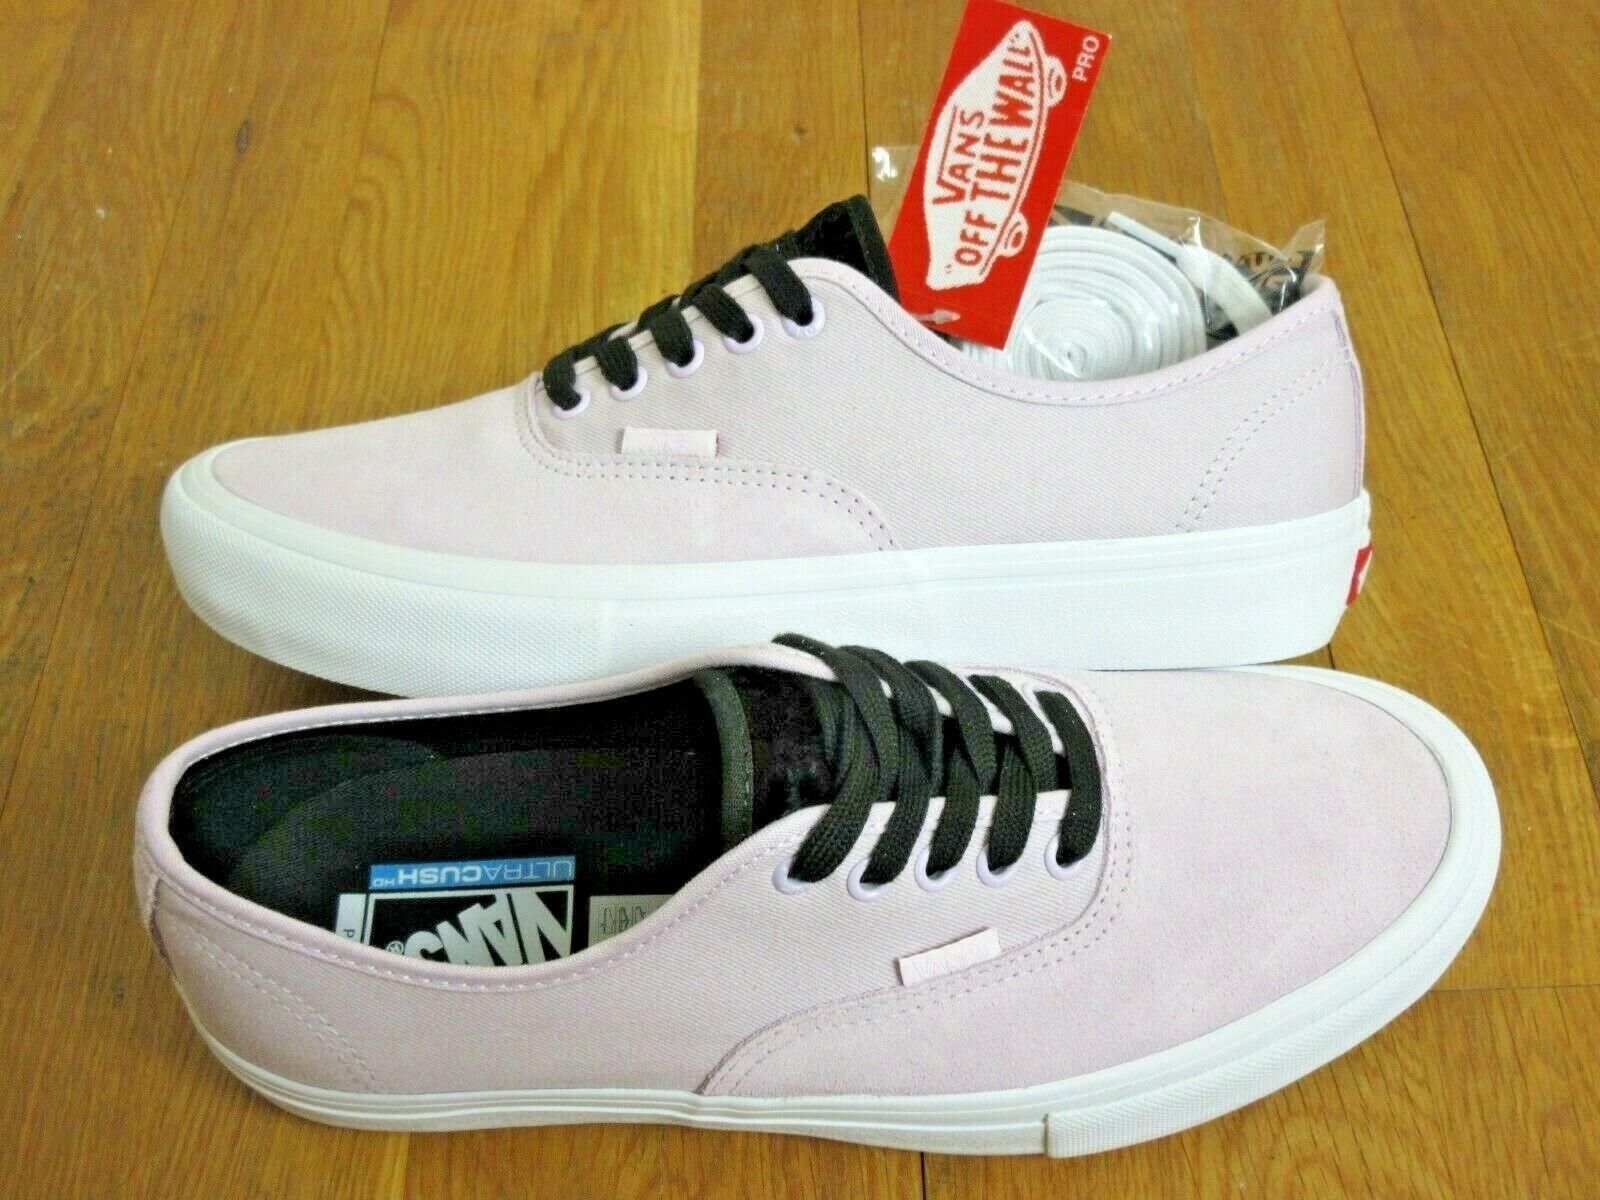 Auténticas VANS para hombre Pro terciopelo lavanda blancoo ante y lona zapatos Nuevo con etiquetas